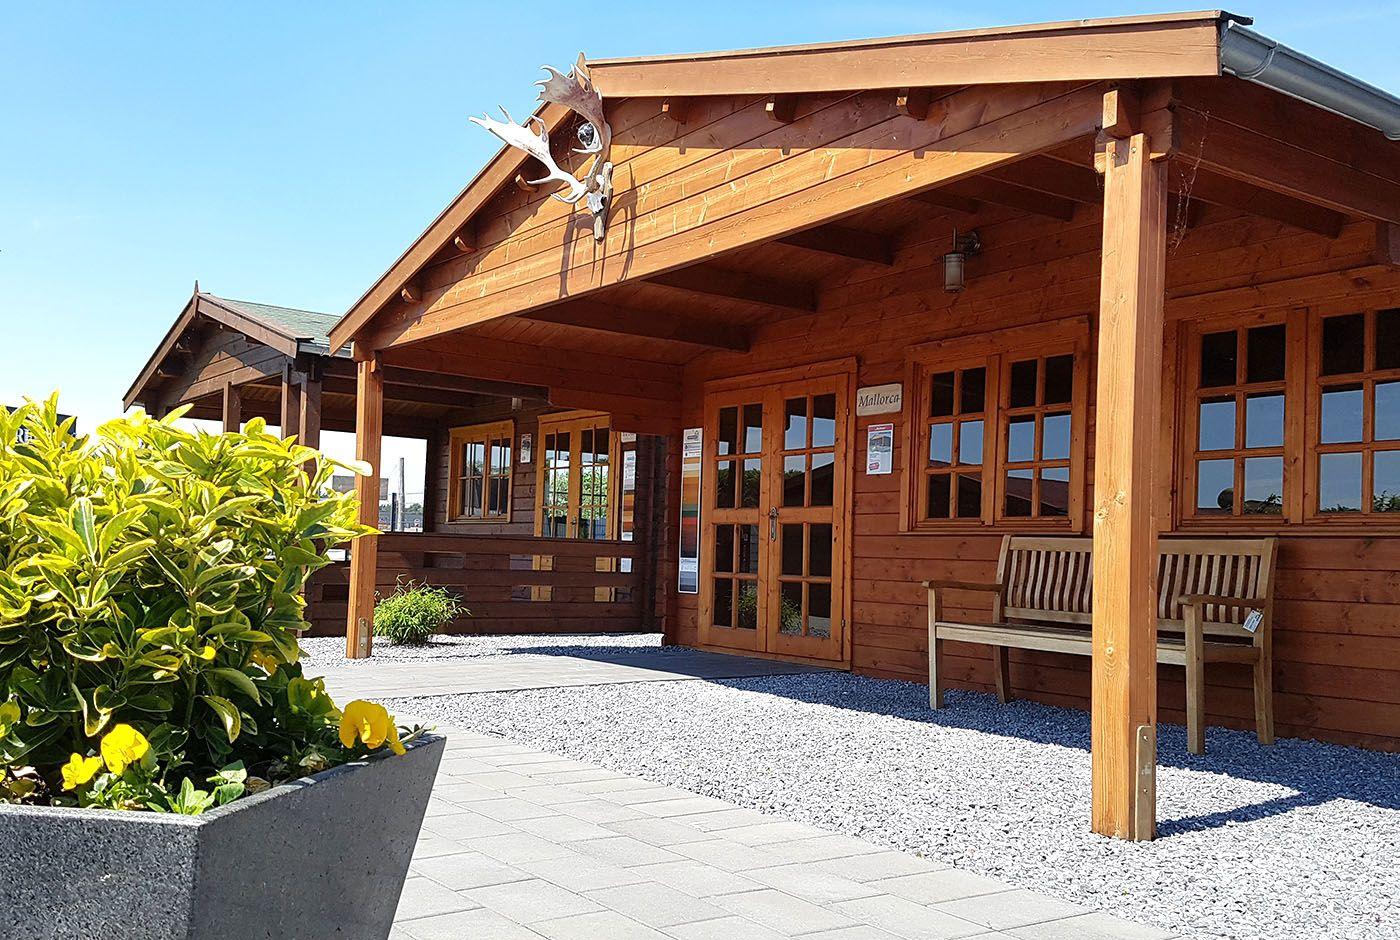 Ein großes Gartenhaus mit 600 x 500 cm und einem Vordach von 250